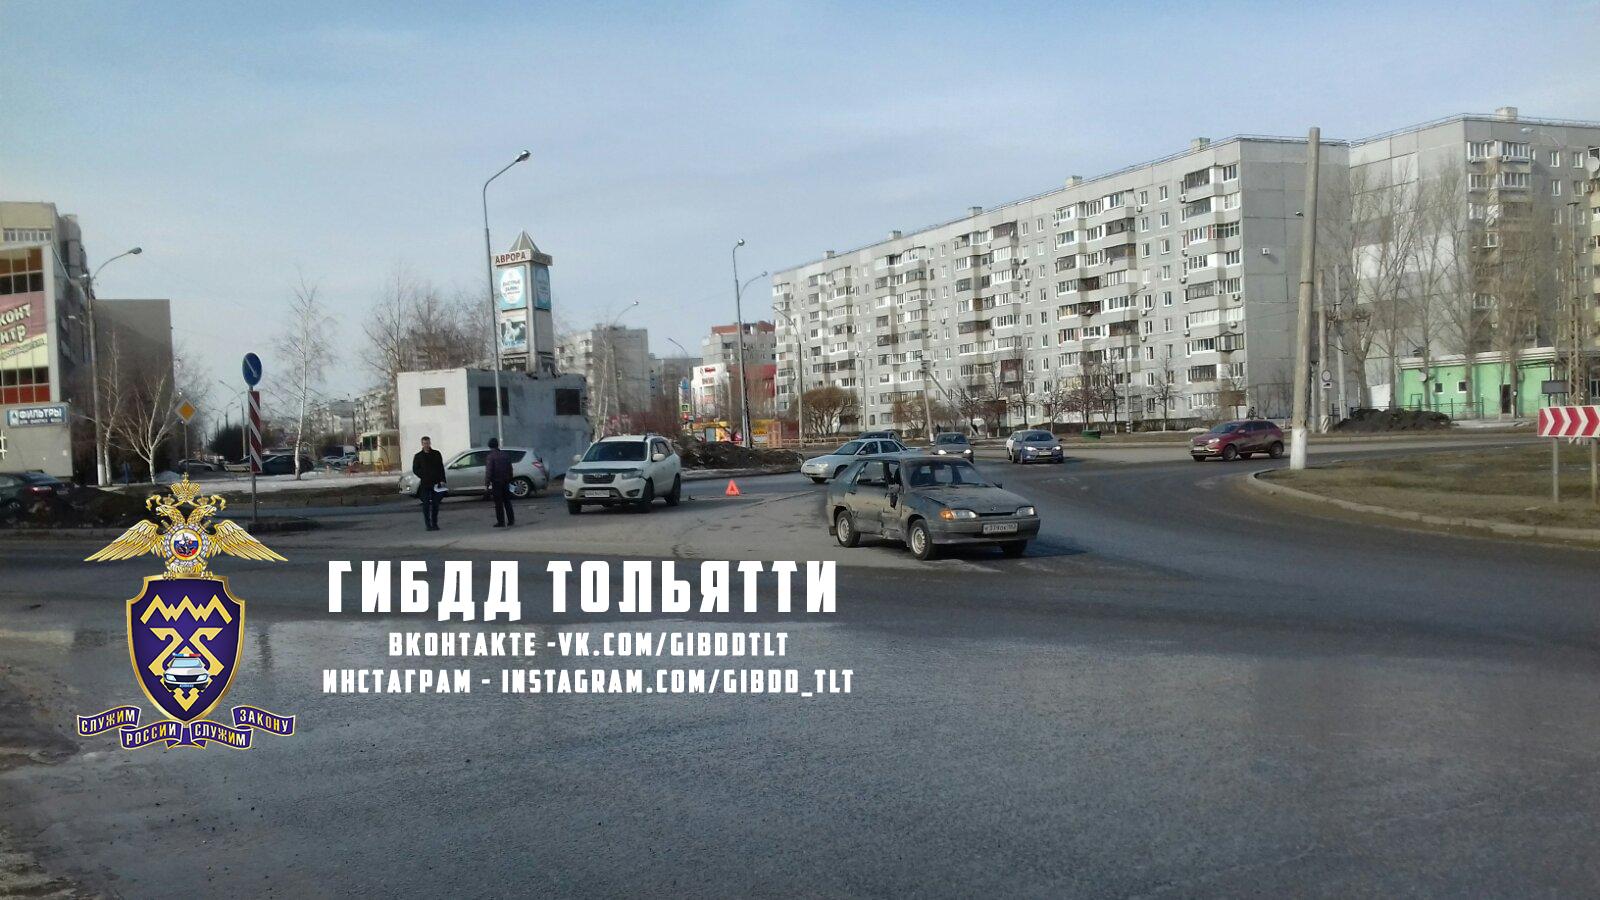 В Тольятти на кольце столкнулись машины. Пострадал человек